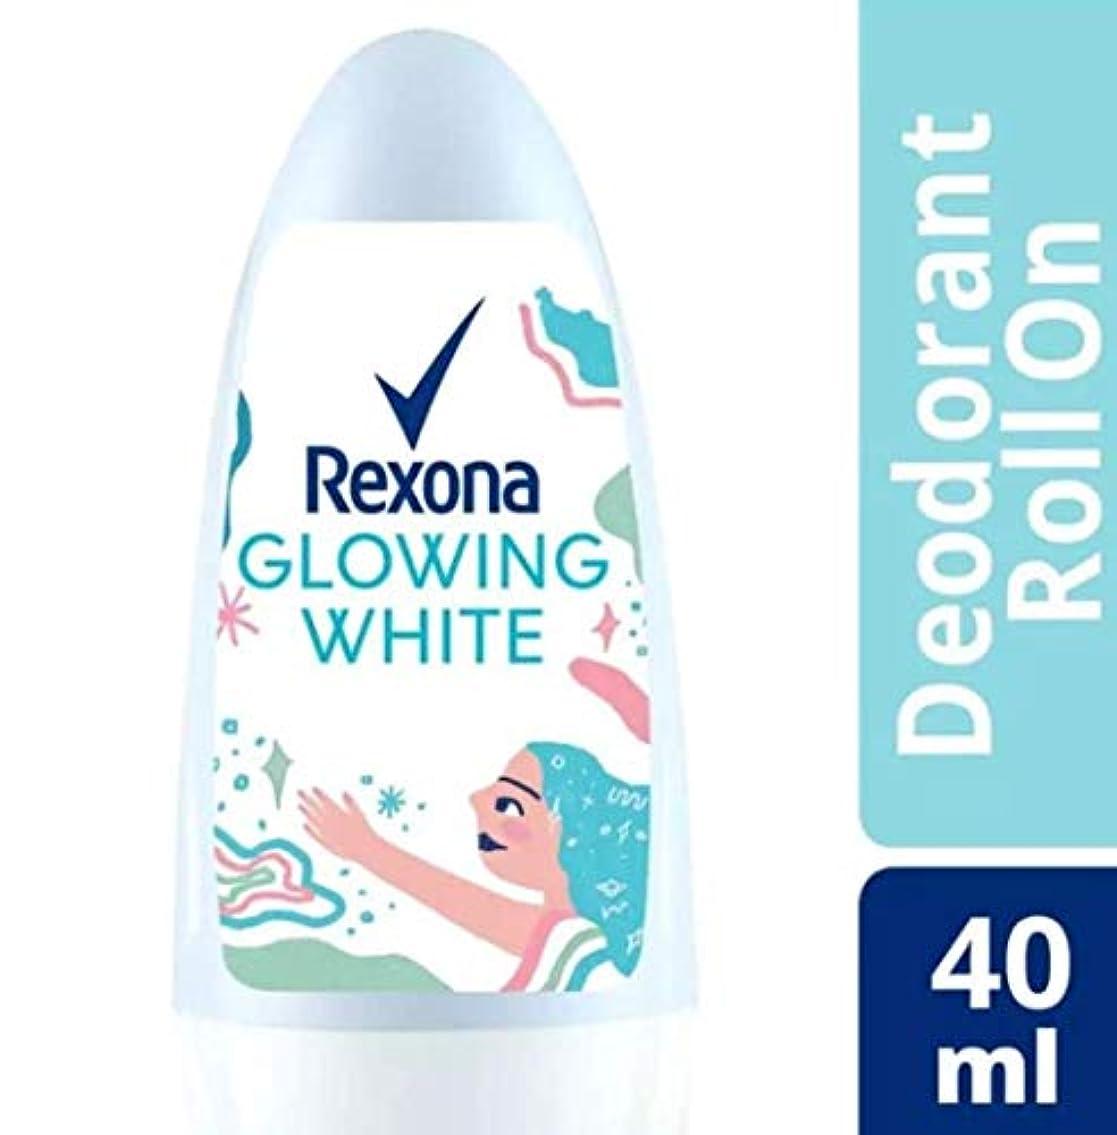 滞在次カプセルRexona レクソナ woman 制汗 デオドラント ロールオン GROWING WHITE【アルコール 0%】 ソフトなバラの香り 40ml [並行輸入品]